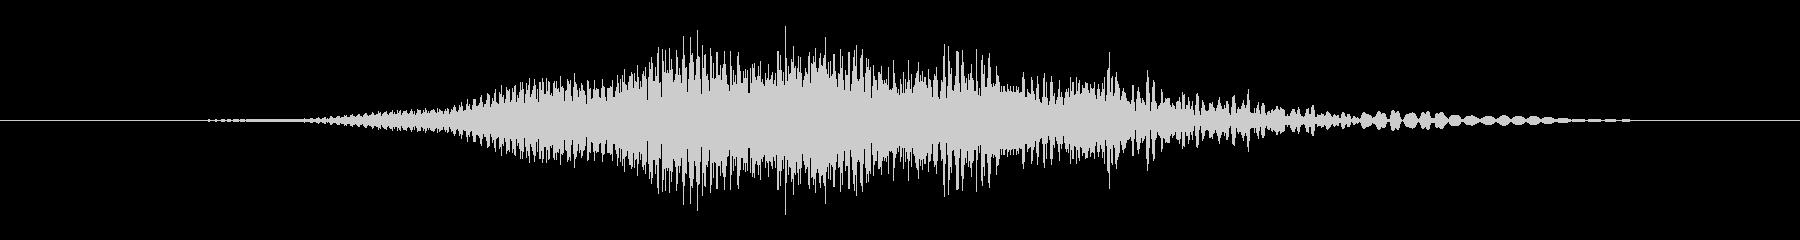 特撮 ホログラム表示09の未再生の波形